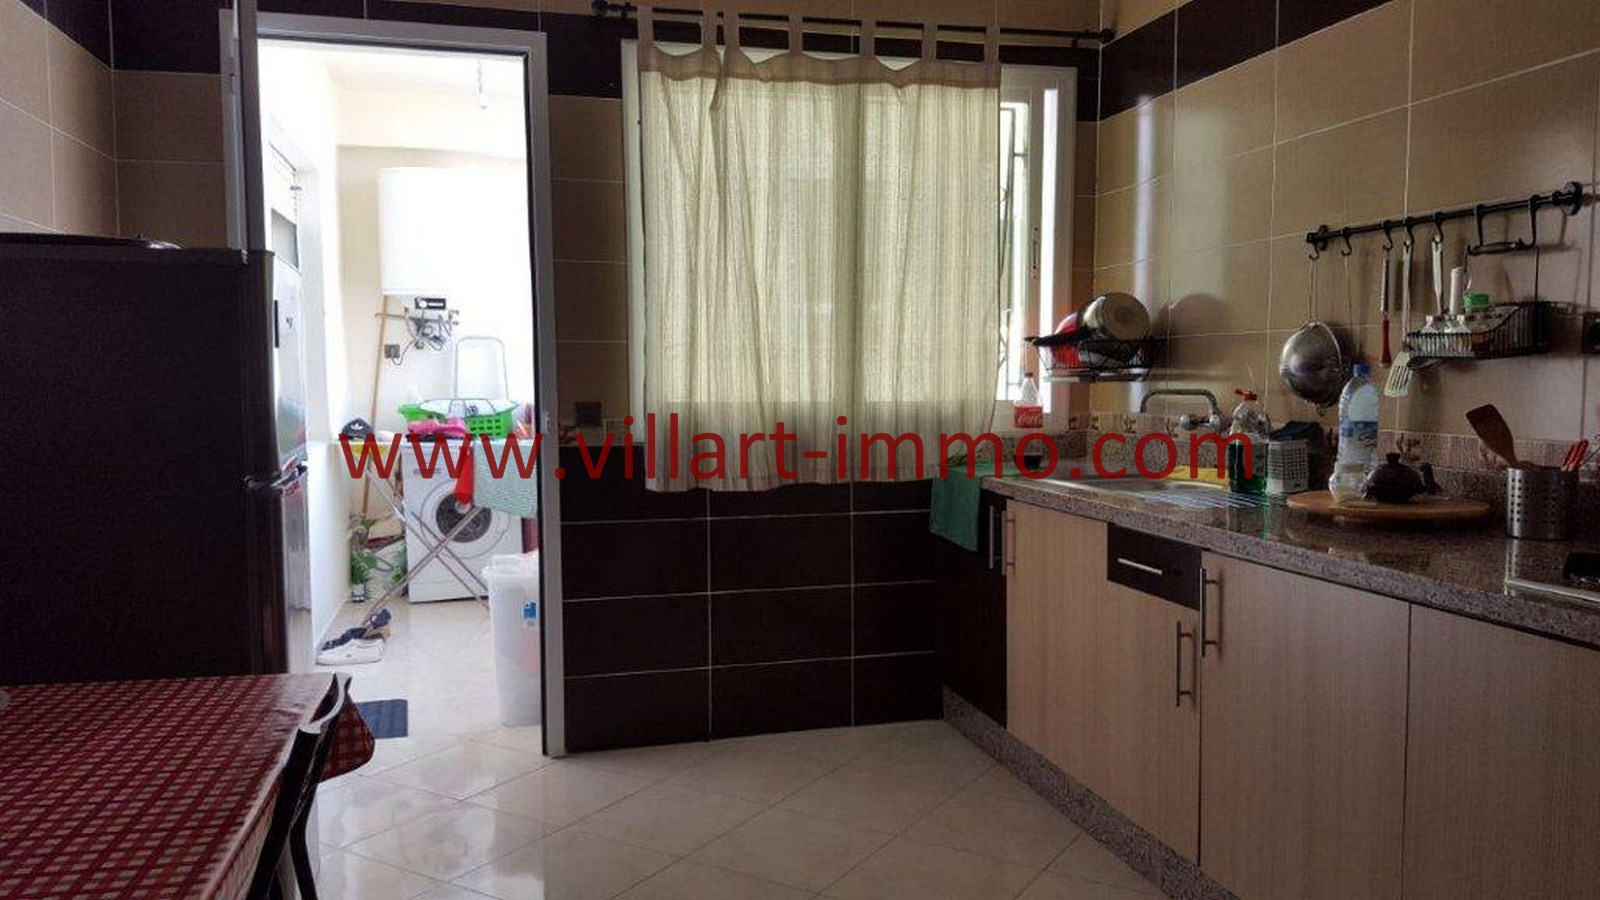 5-Vente-Appartement-Tanger-Cuisine -VA509-Villart Immo